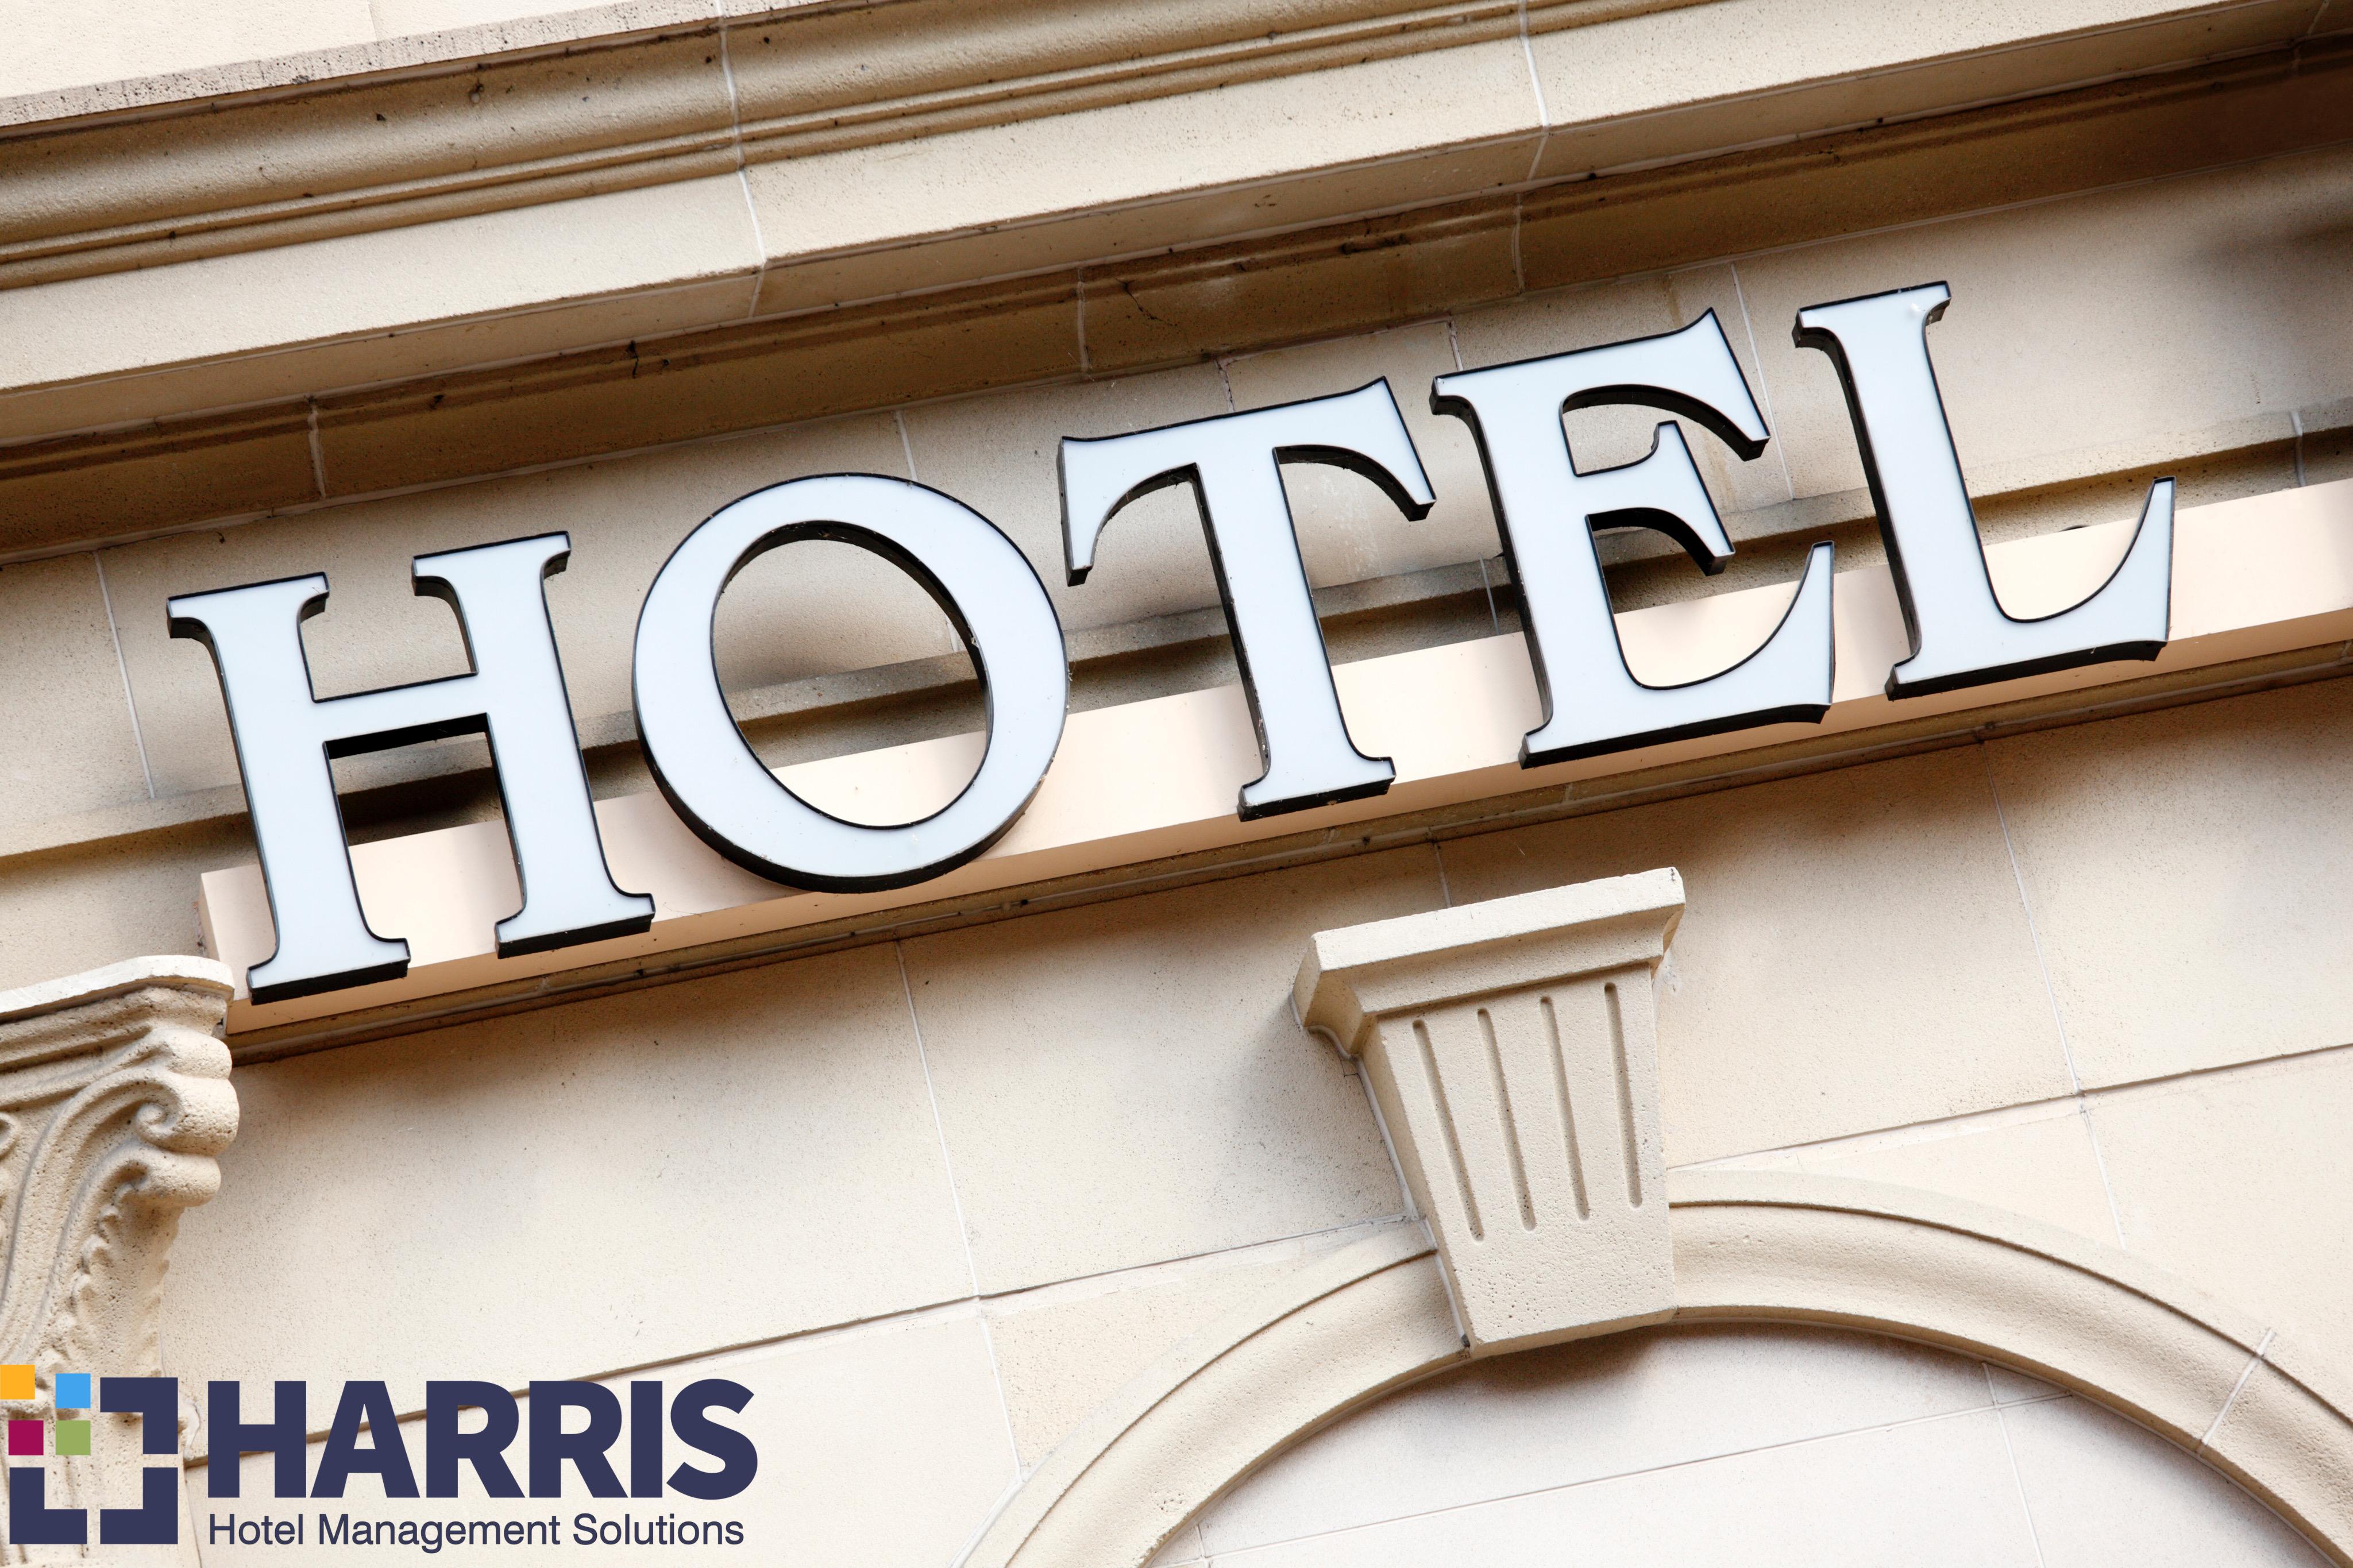 اهمیت معماری و جانمایی در صنعت هتلداری